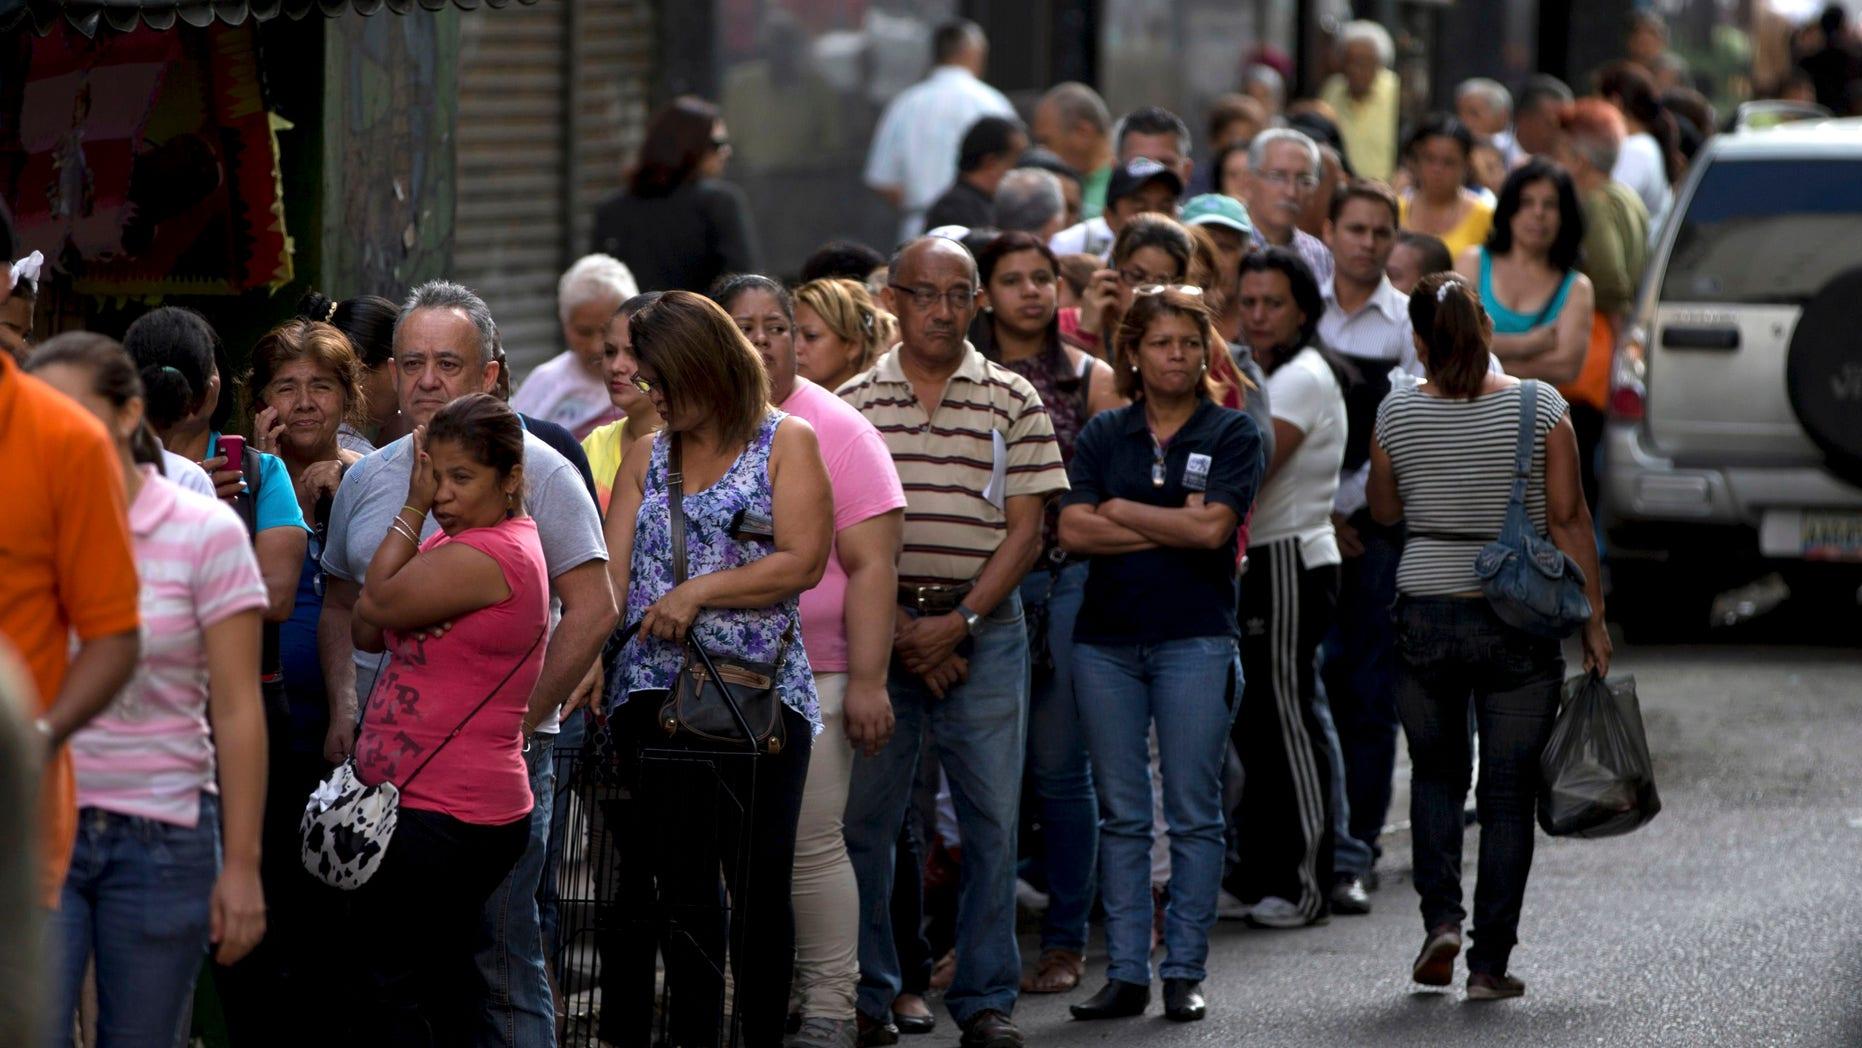 Shoppers wait in line outside of a supermarket on March 2, 2014 in Caracas, Venezuela.